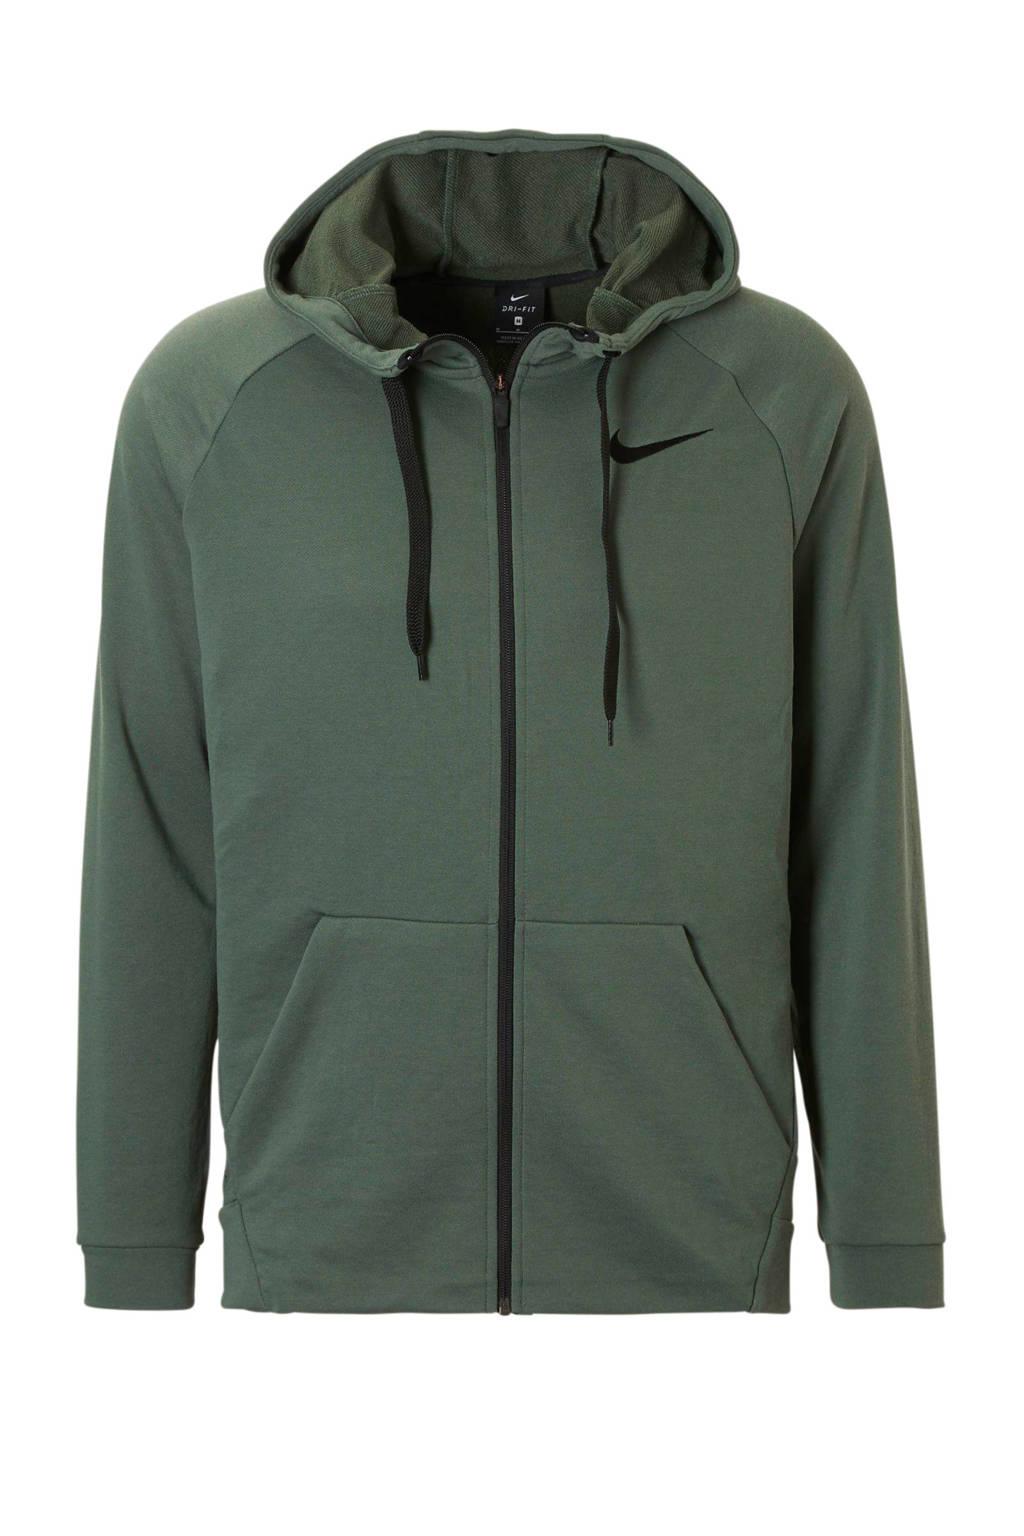 Nike   sportvest donkergroen, Donkergroen/zwart